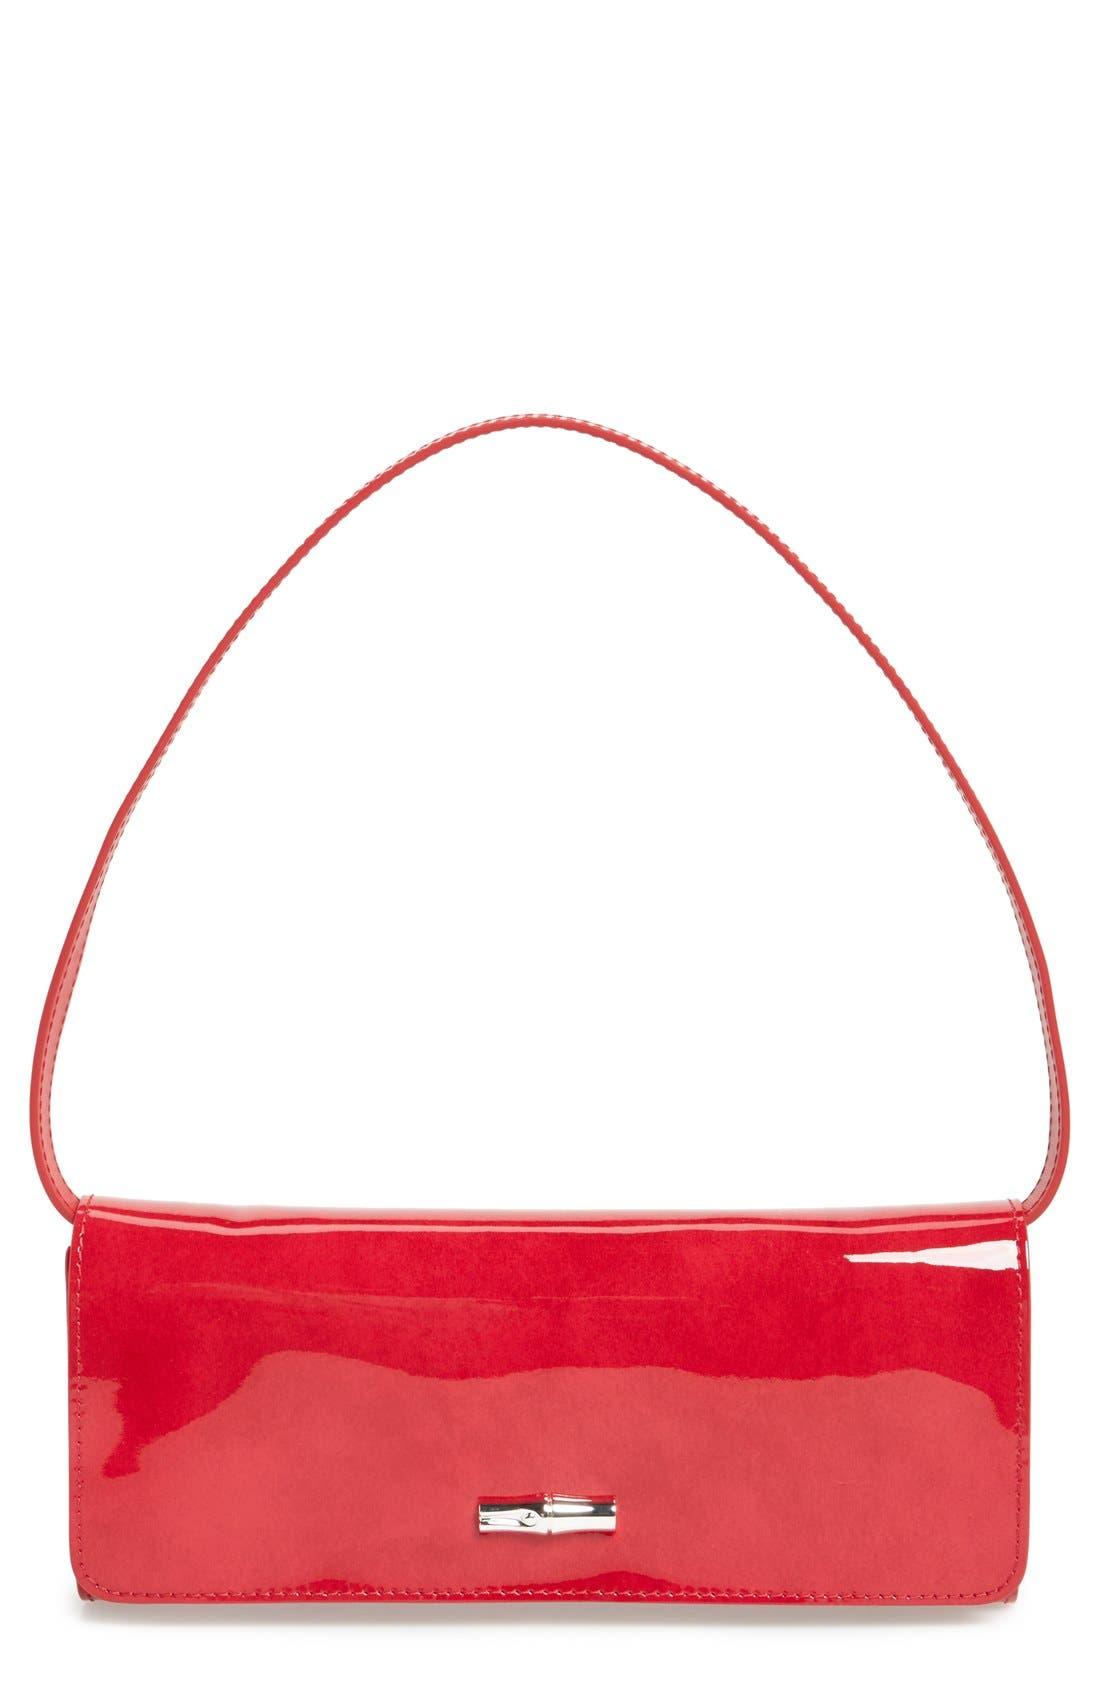 Main Image - Longchamp 'Roseau Box' Clutch